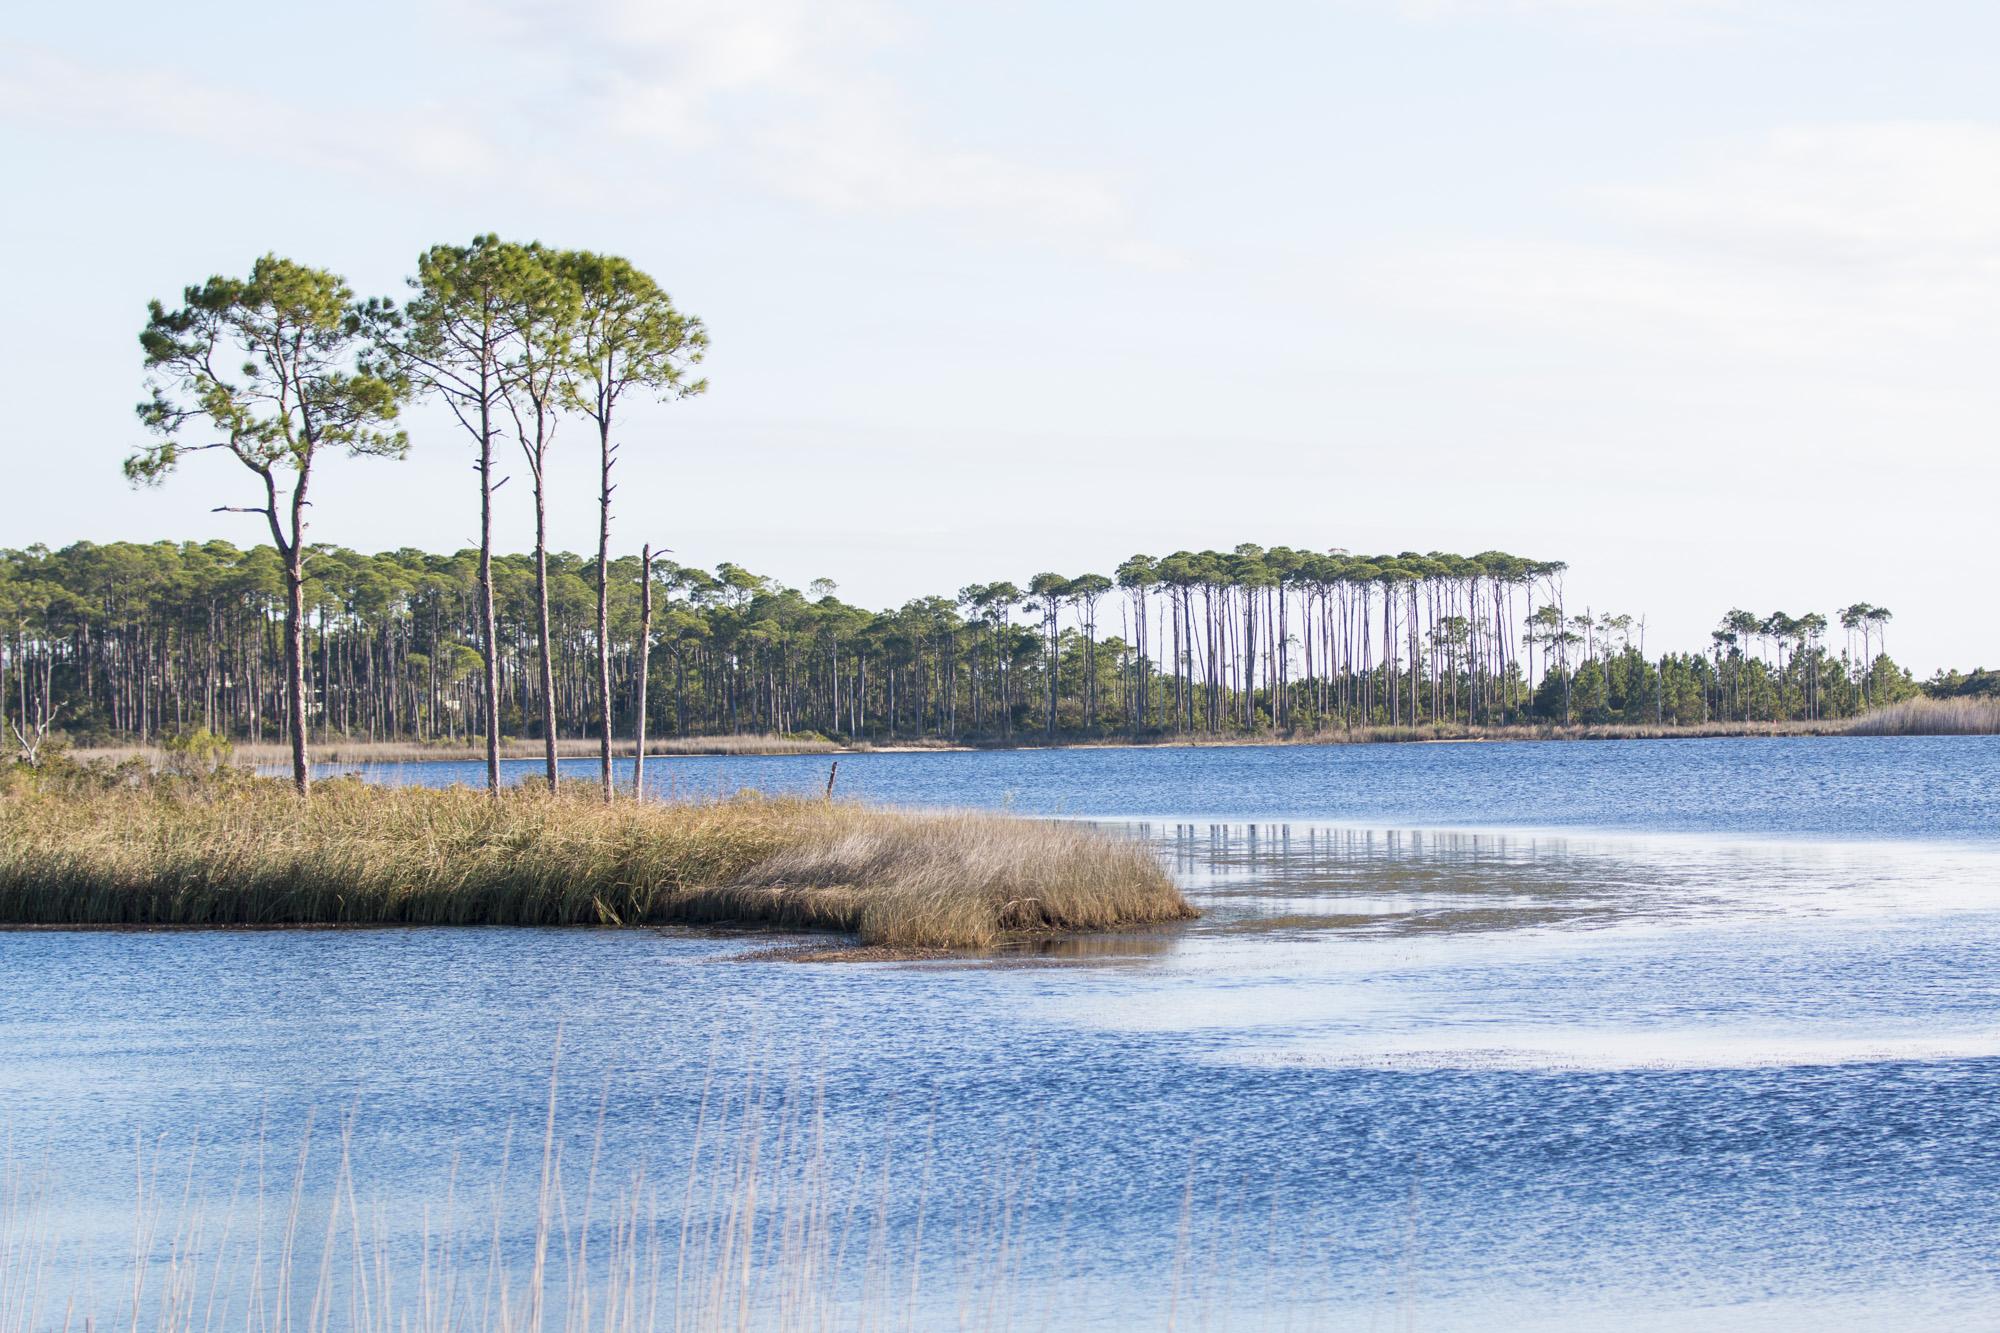 Gulf Coastal Plains - Four Regions of Texas Pictures of the gulf coastal plains